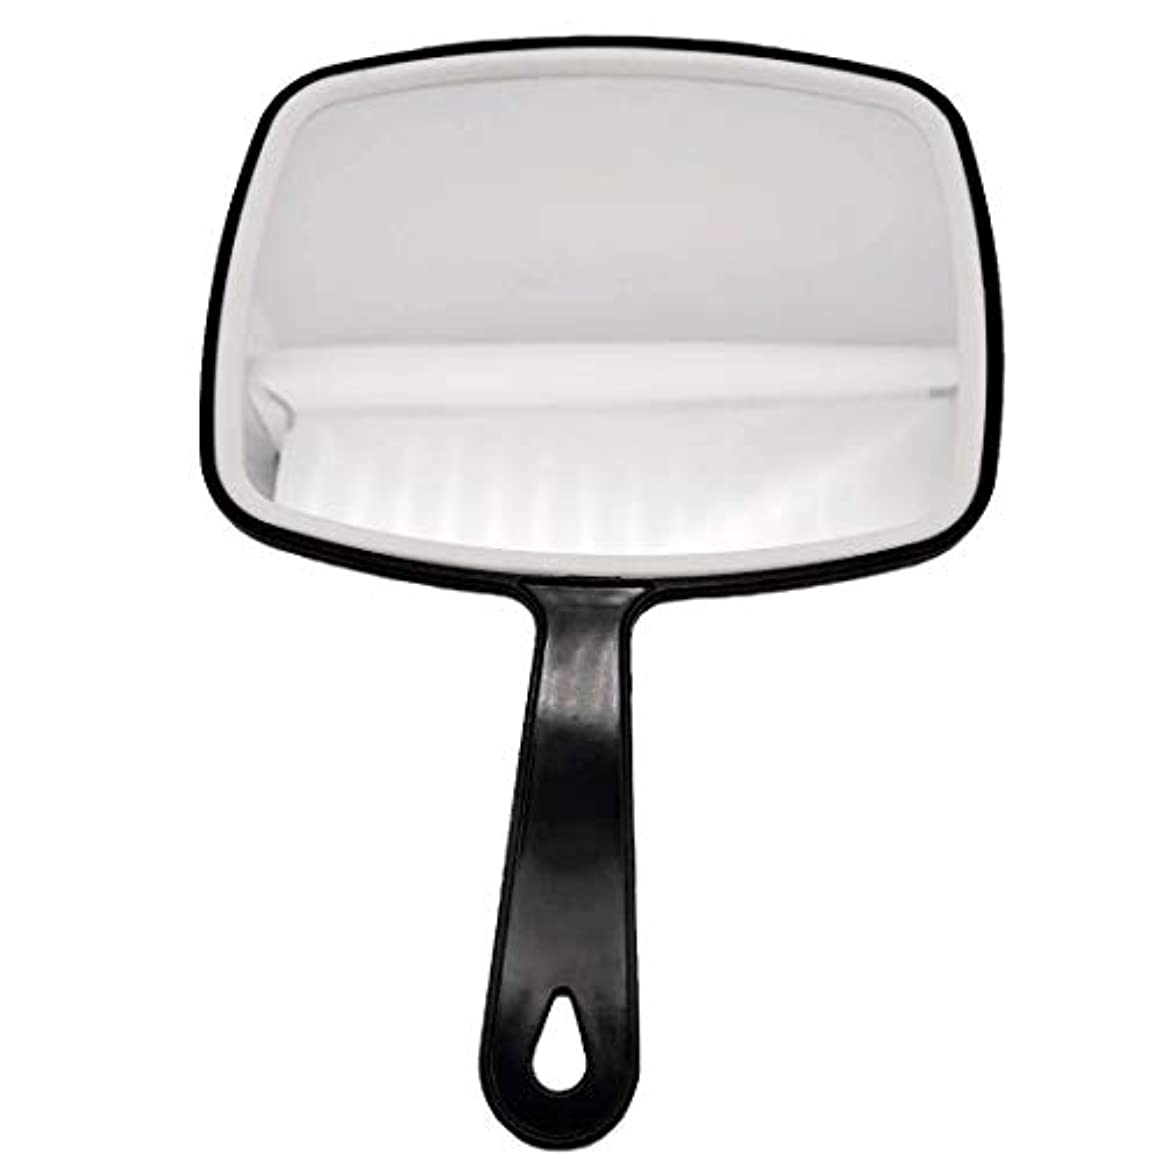 モンゴメリーモンゴメリーコイン理髪ハンドミラー、ABSフレームメイクアップミラー、バスルームとベッドルーム用ミラー、床屋ヘアカットミラー (黒-1個)